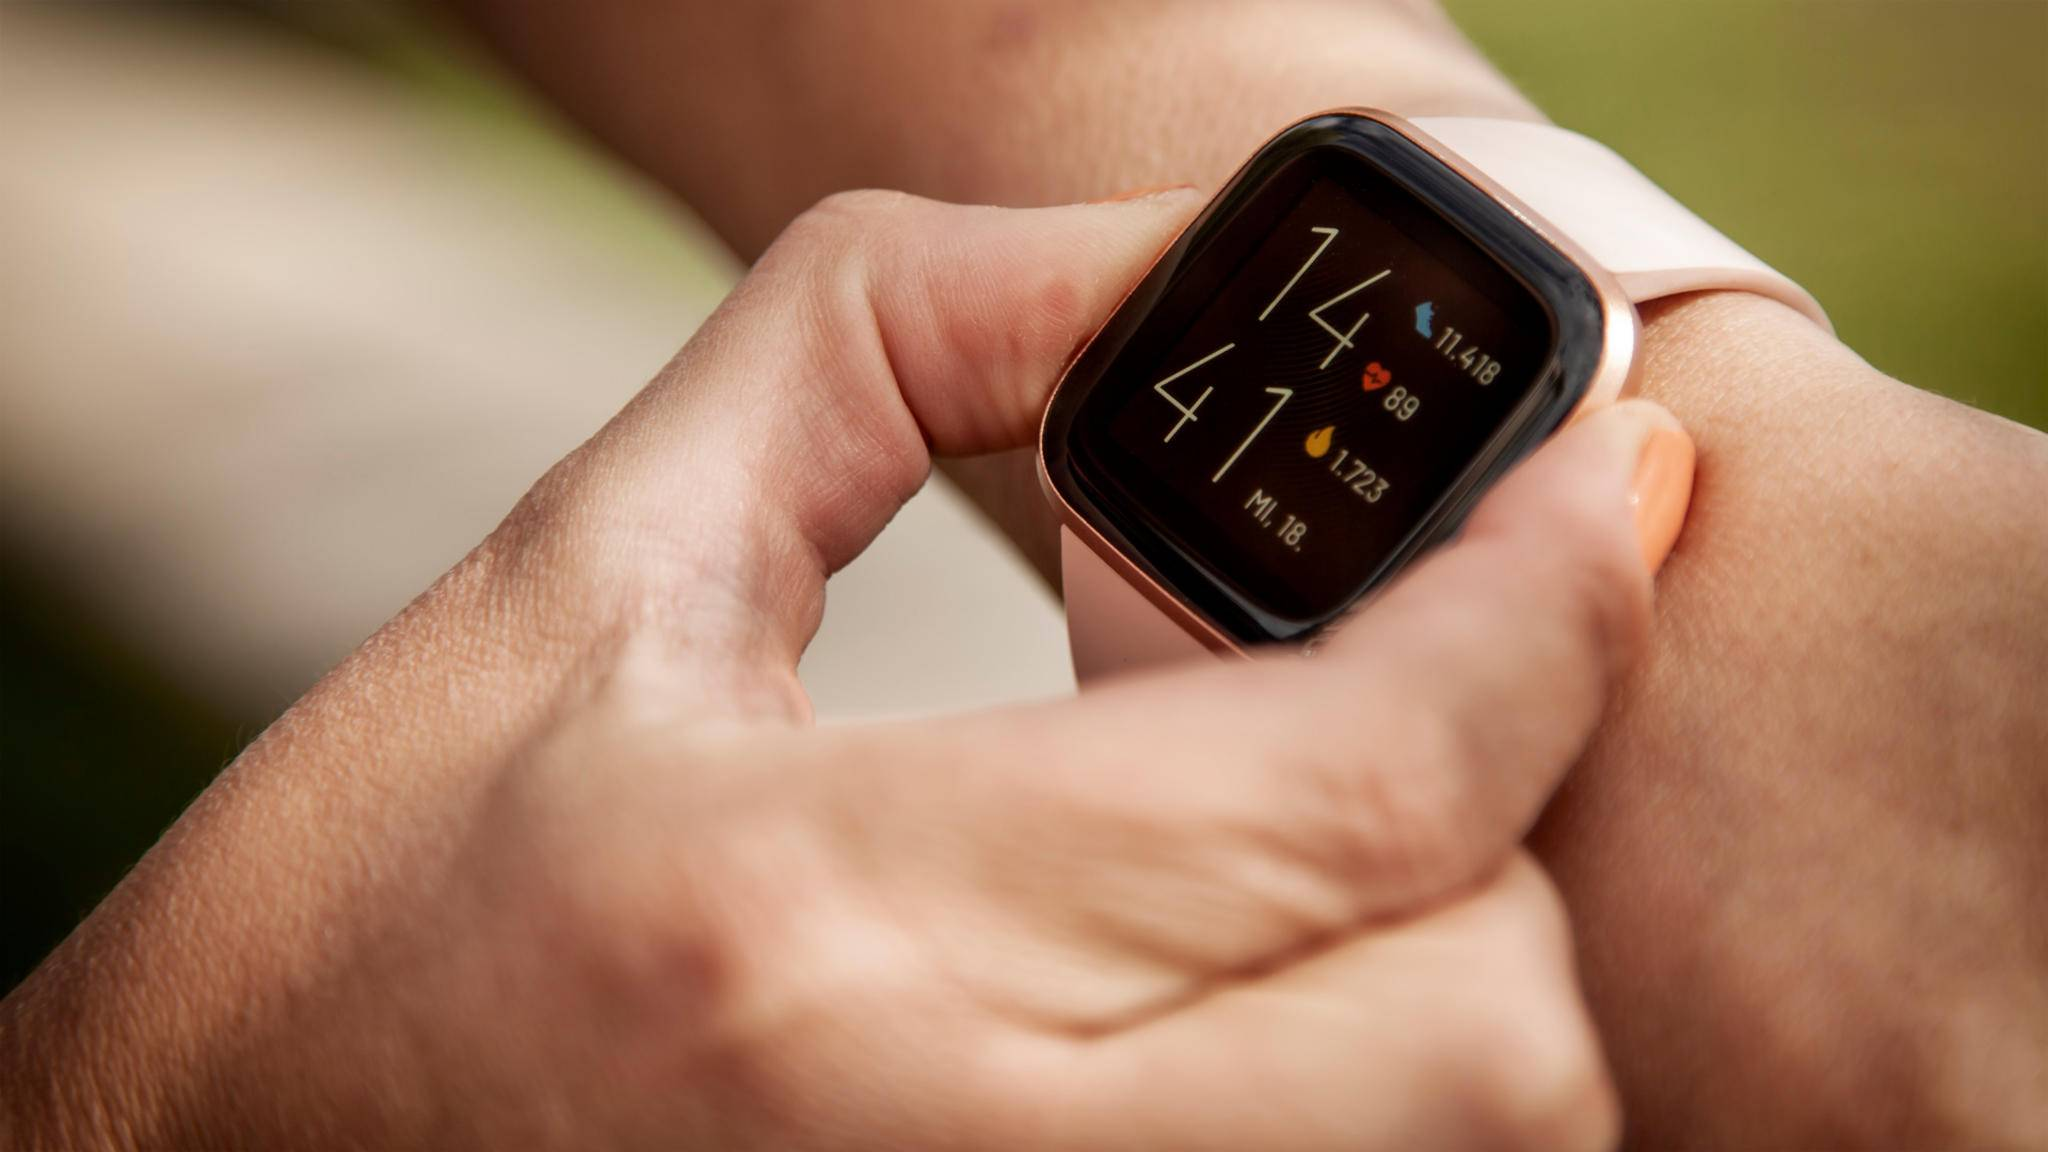 Bisher messen Geräte von Fitbit wie die Versa 2 lediglich die Herzfrequenz. Auf Herzkrankheiten kann die Smartwatch nicht hinweisen.